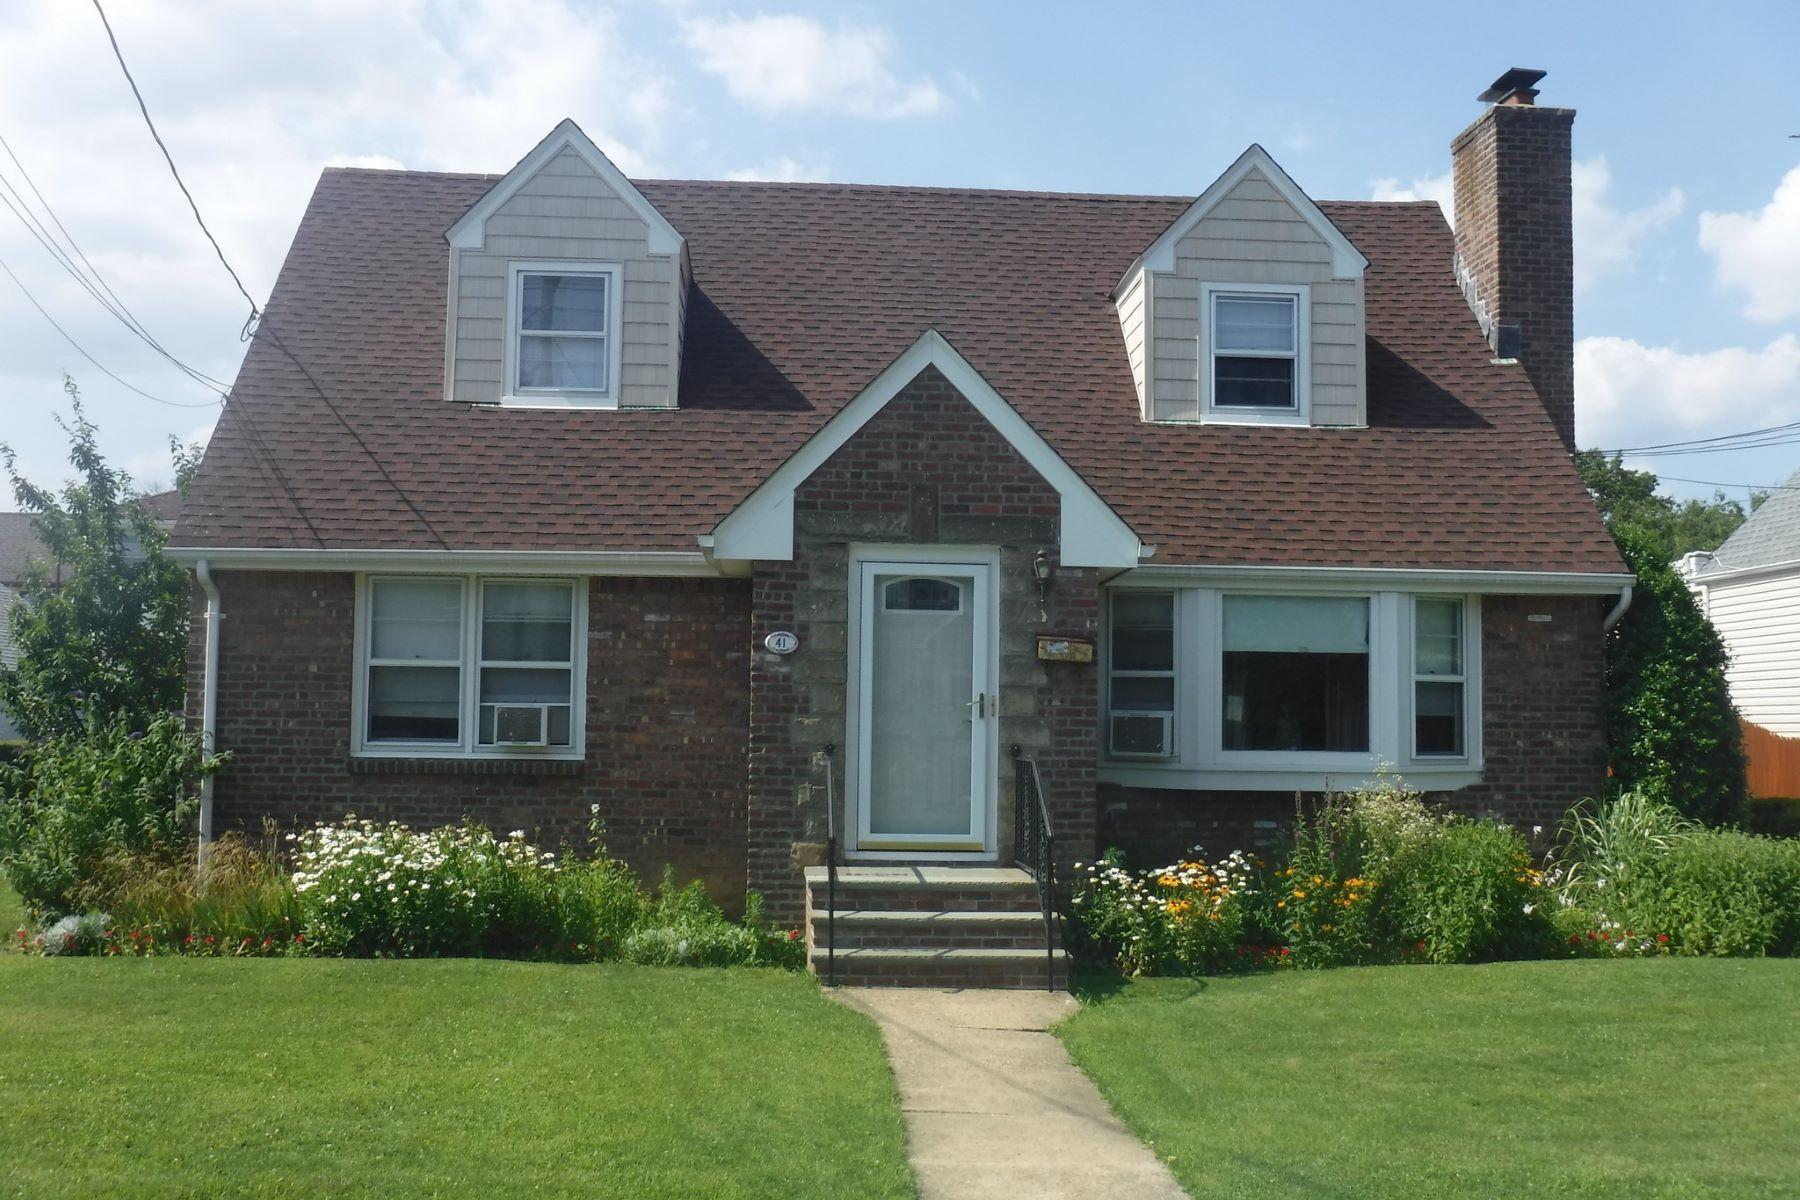 Частный односемейный дом для того Продажа на 41 Park Ave 41 Park Ave New Hyde Park, Нью-Йорк, 11040 Соединенные Штаты